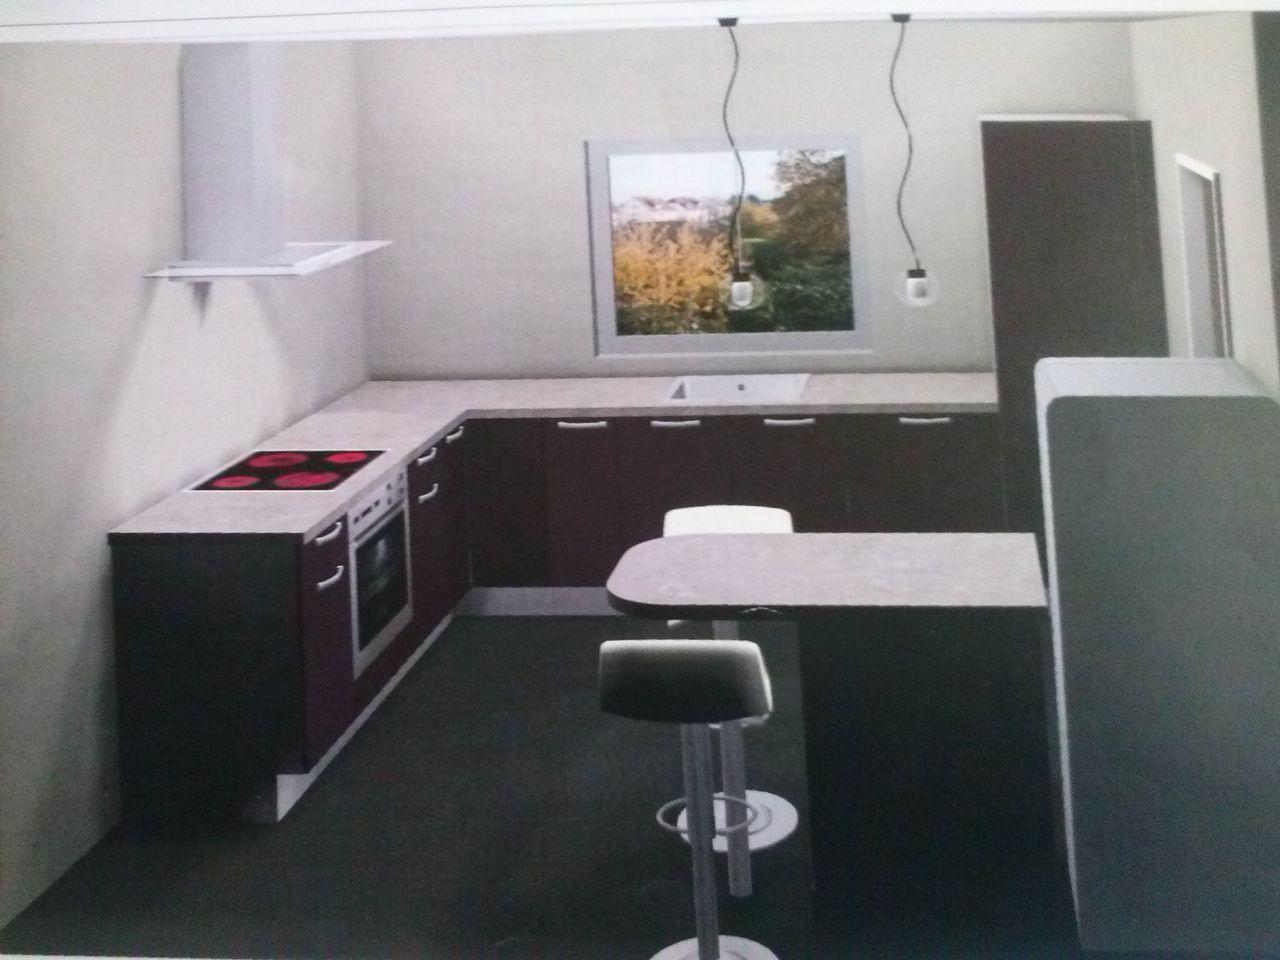 cuisine fonctionnelle, ouverte sur le séjour avec coin repas, une partie sera dissimulée par un mur de 65 cm de largeur pour y mettre le frigo que nous ne sommes pas obligés de prendre encastré car non visible du séjour.